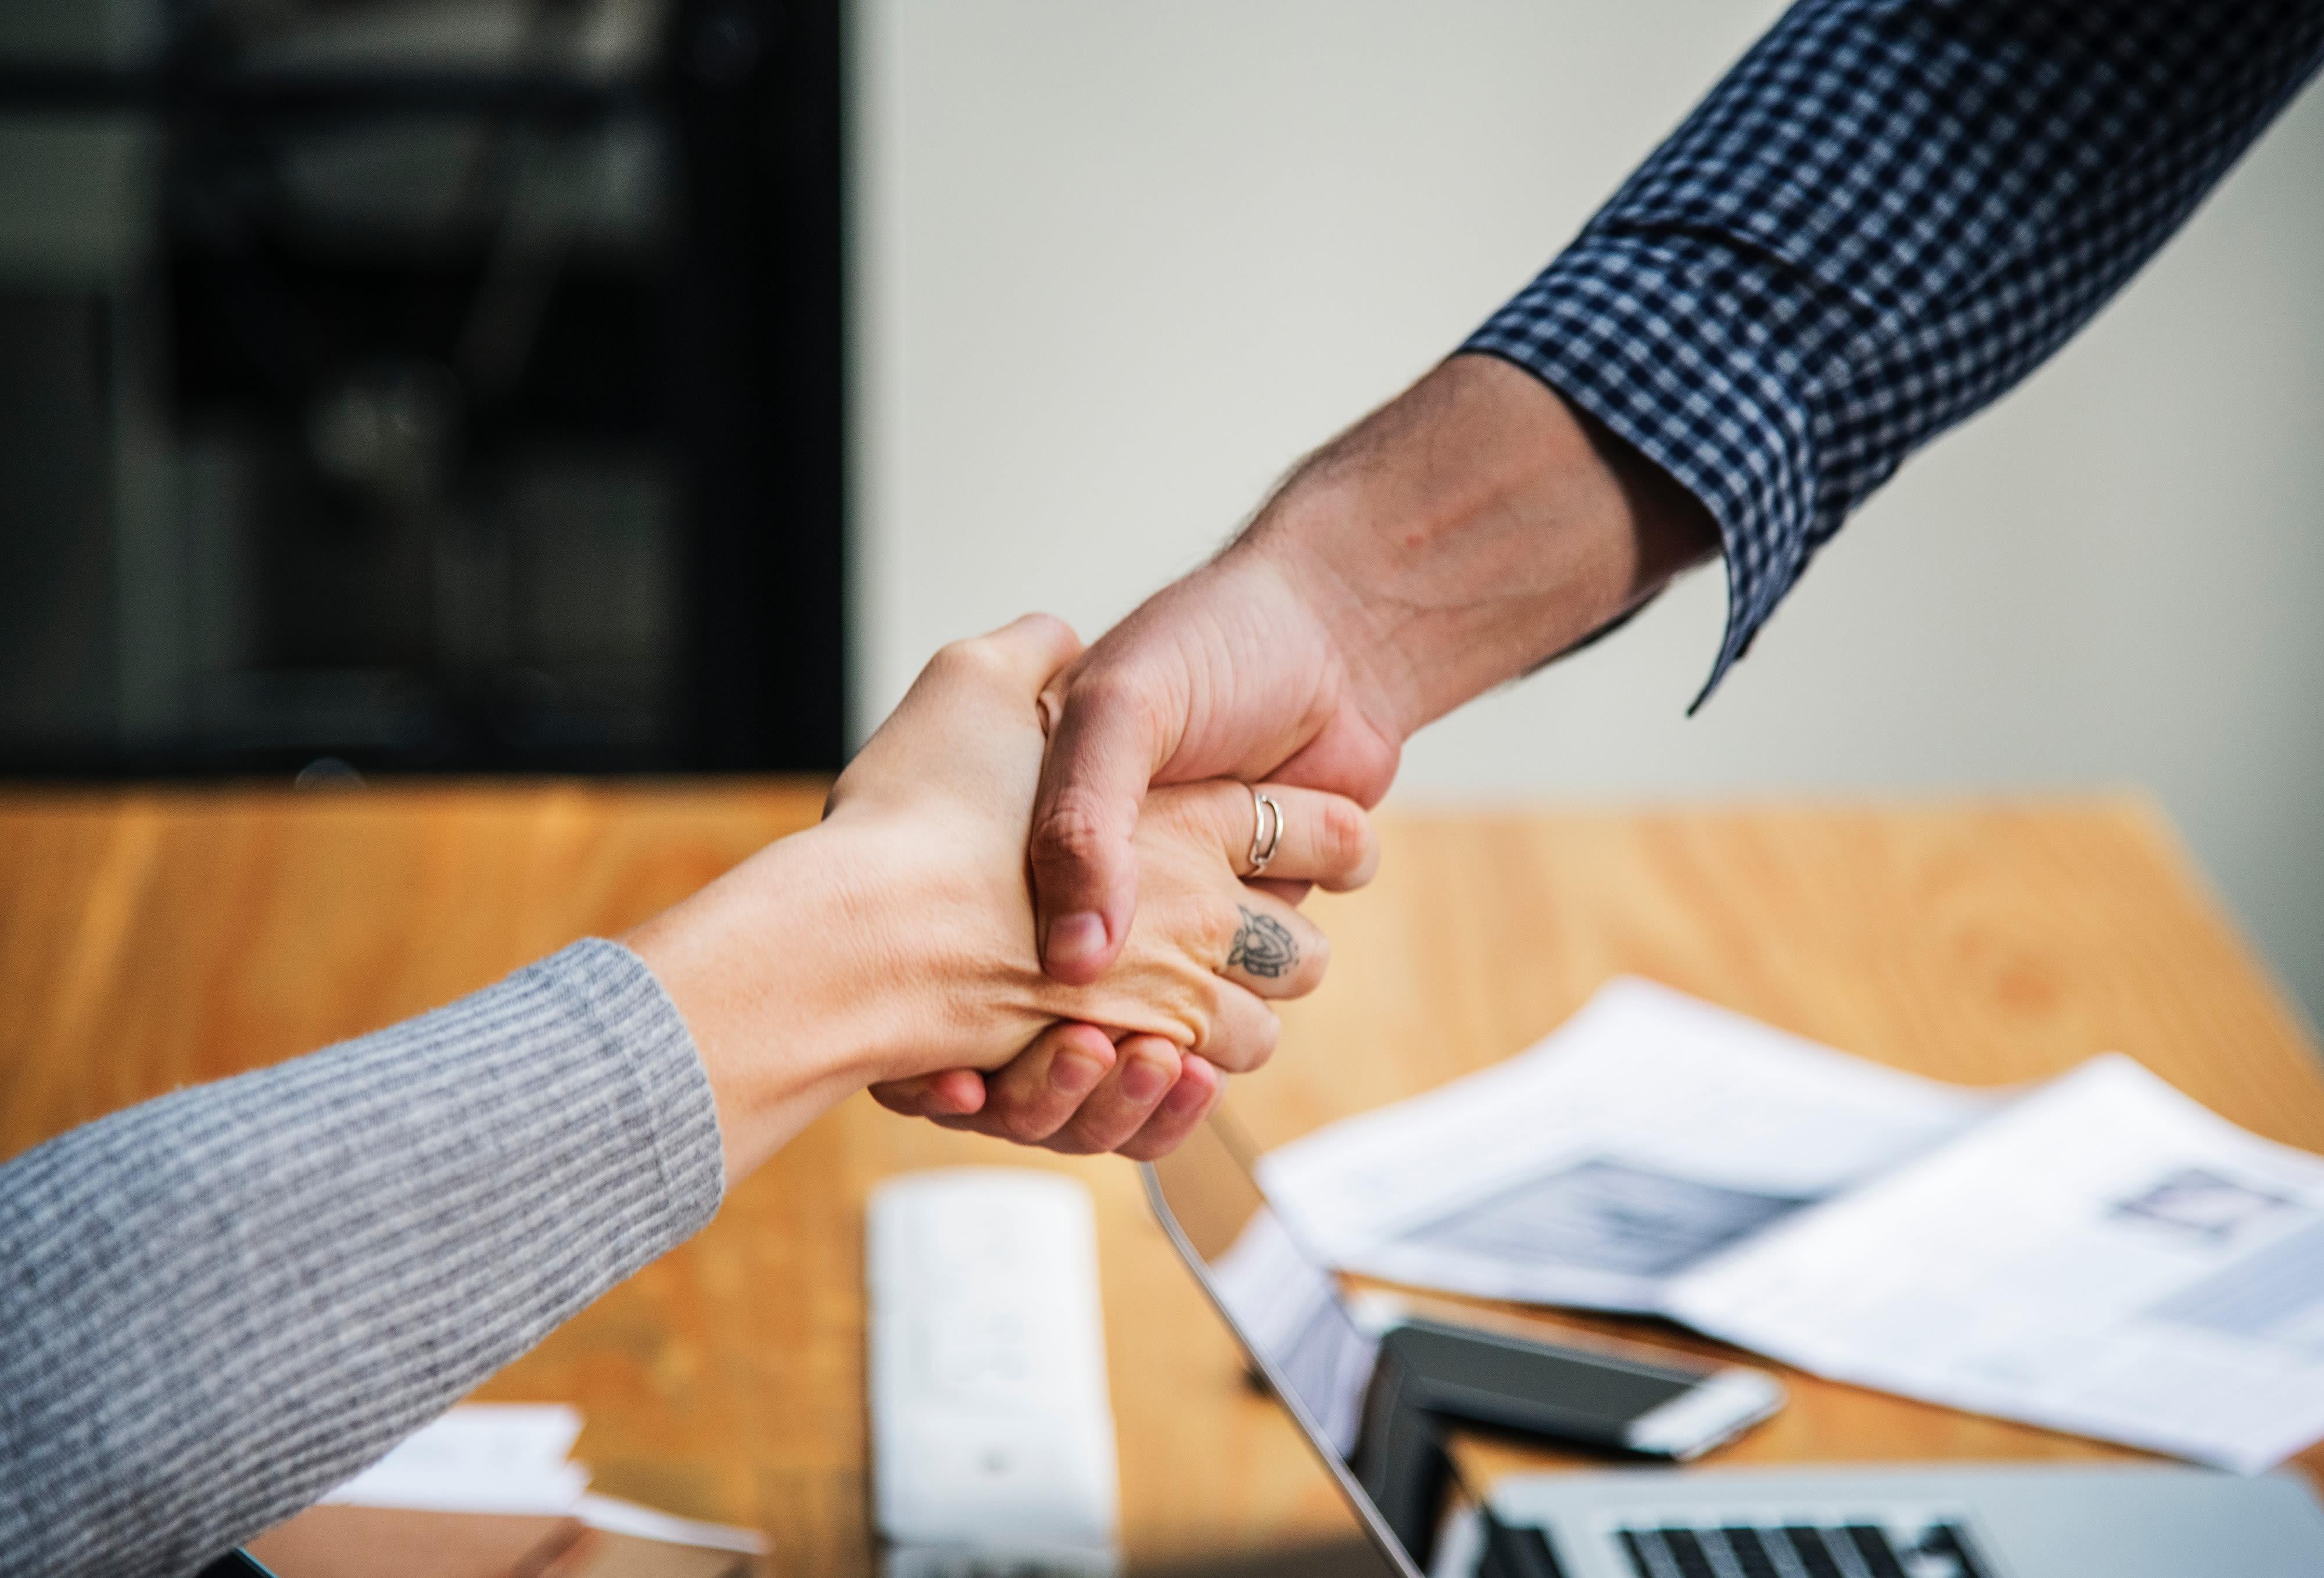 Awin Talks: Previsões para o mercado de afiliação de 2019 e debate de colaboração da indústria.